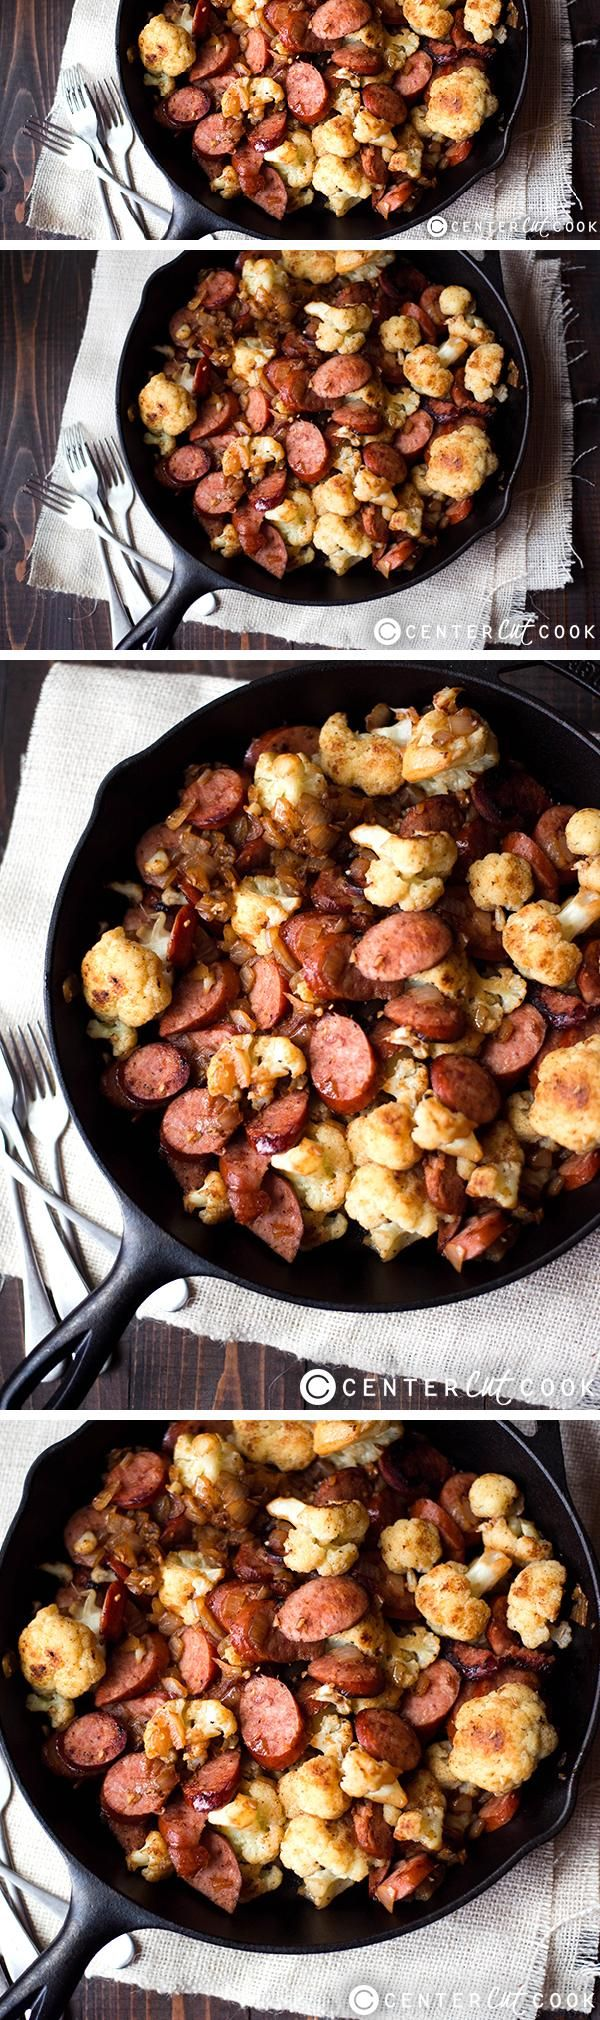 Kielbasa and Cauliflower Stir Fry